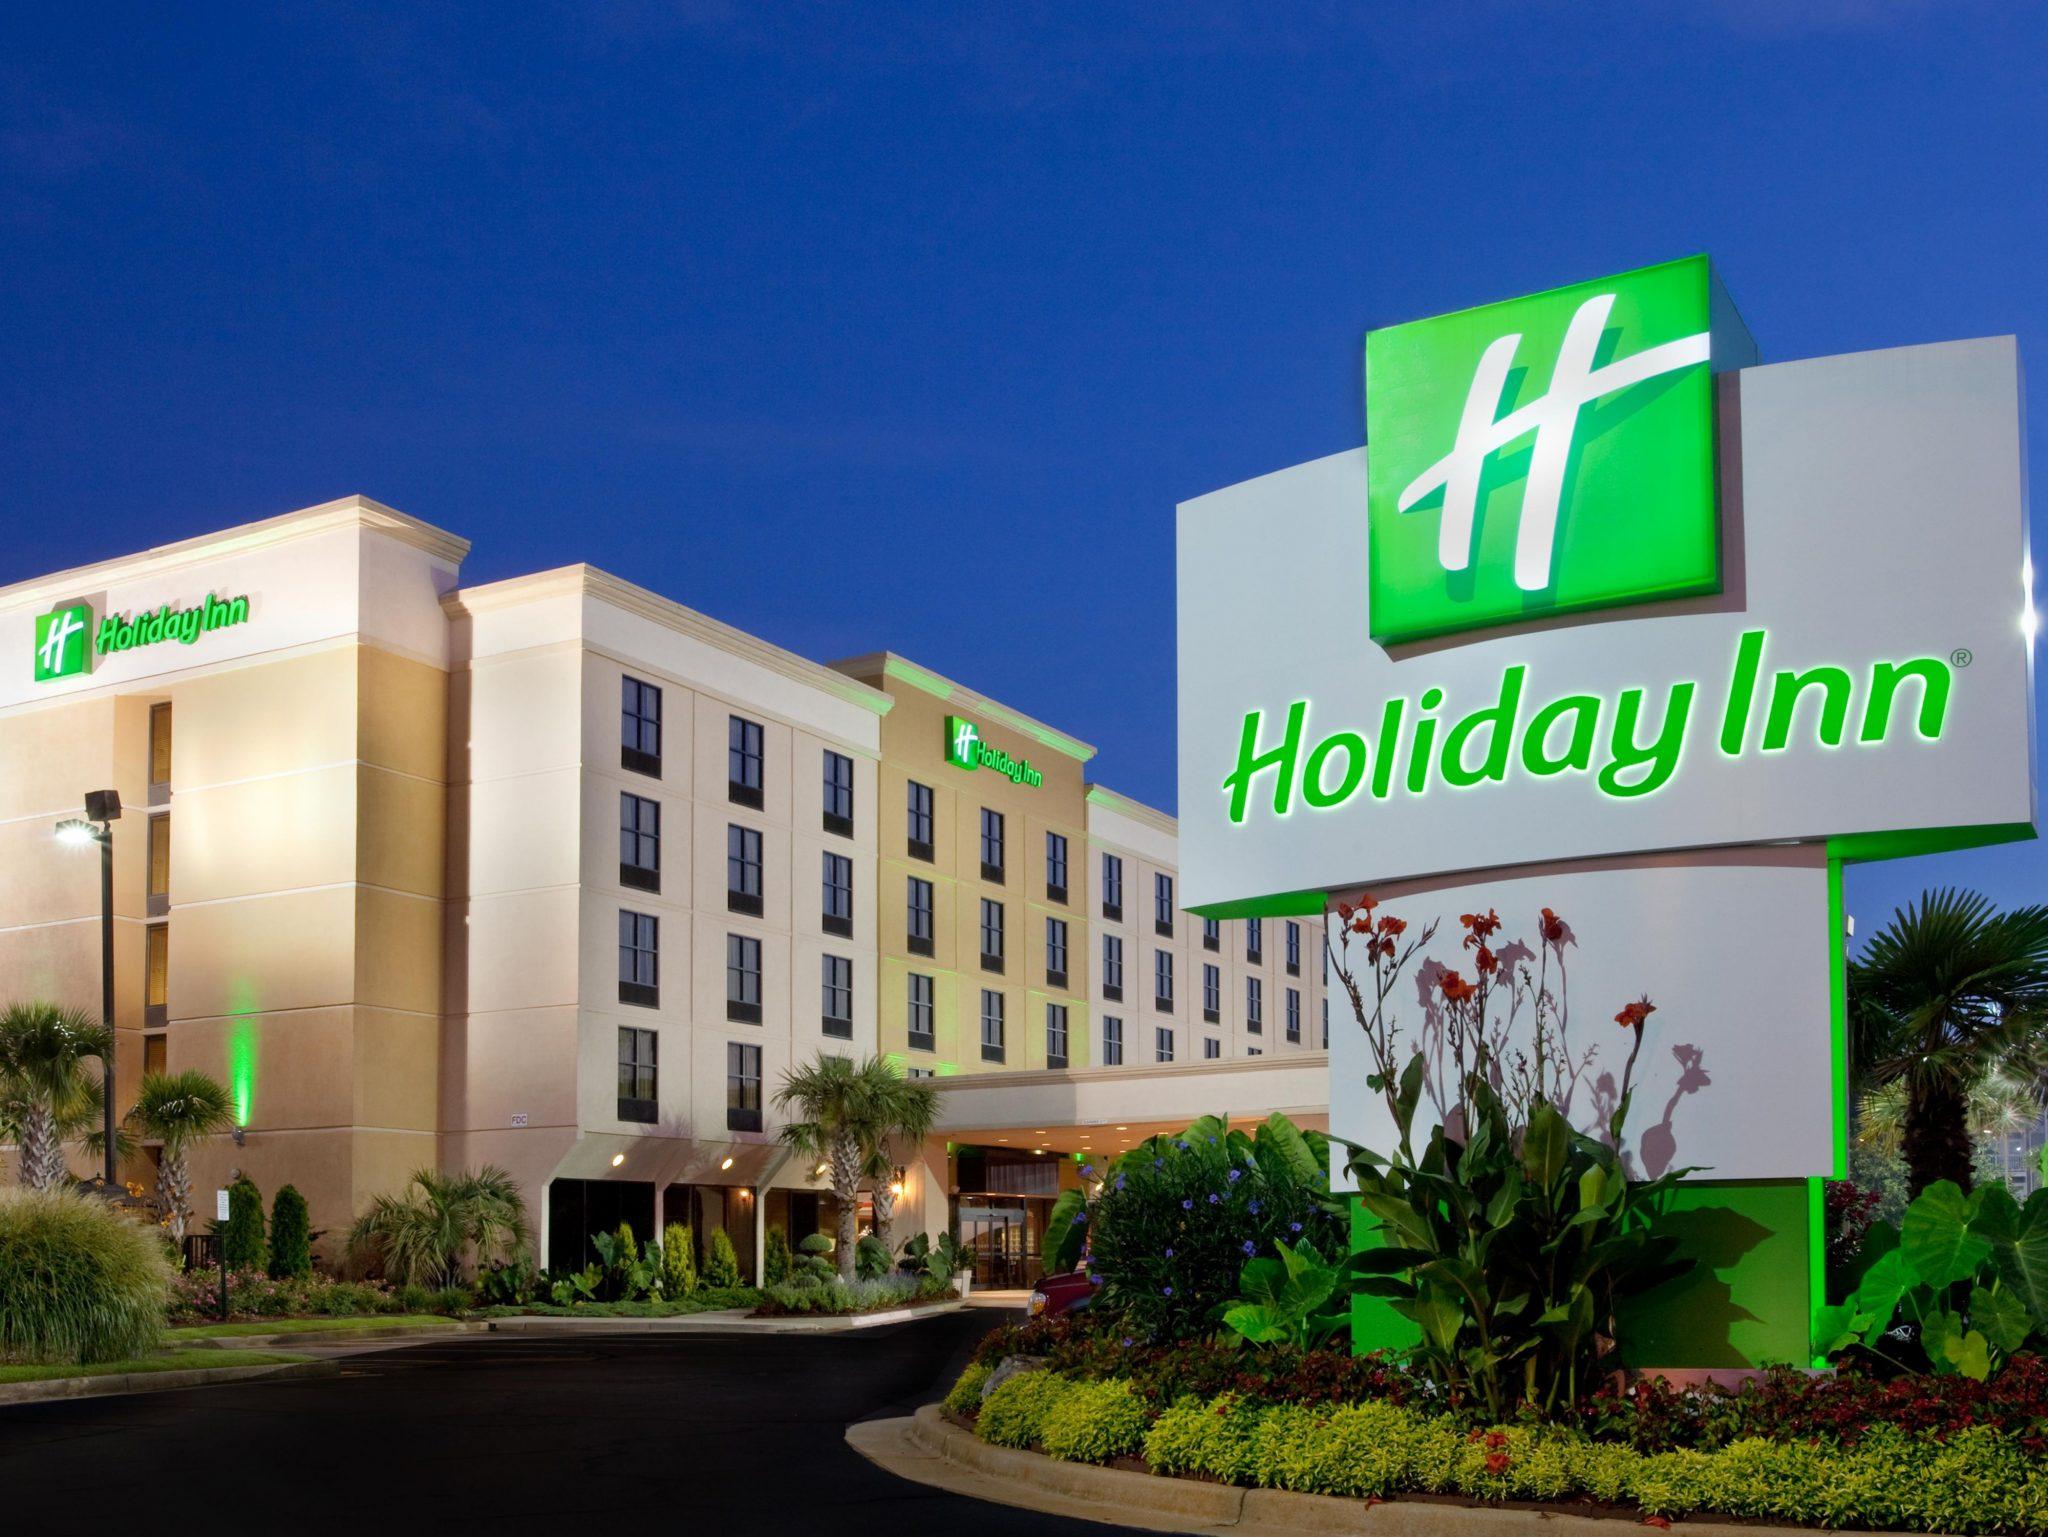 México: Alista IHG más hoteles en el estado para el 2019